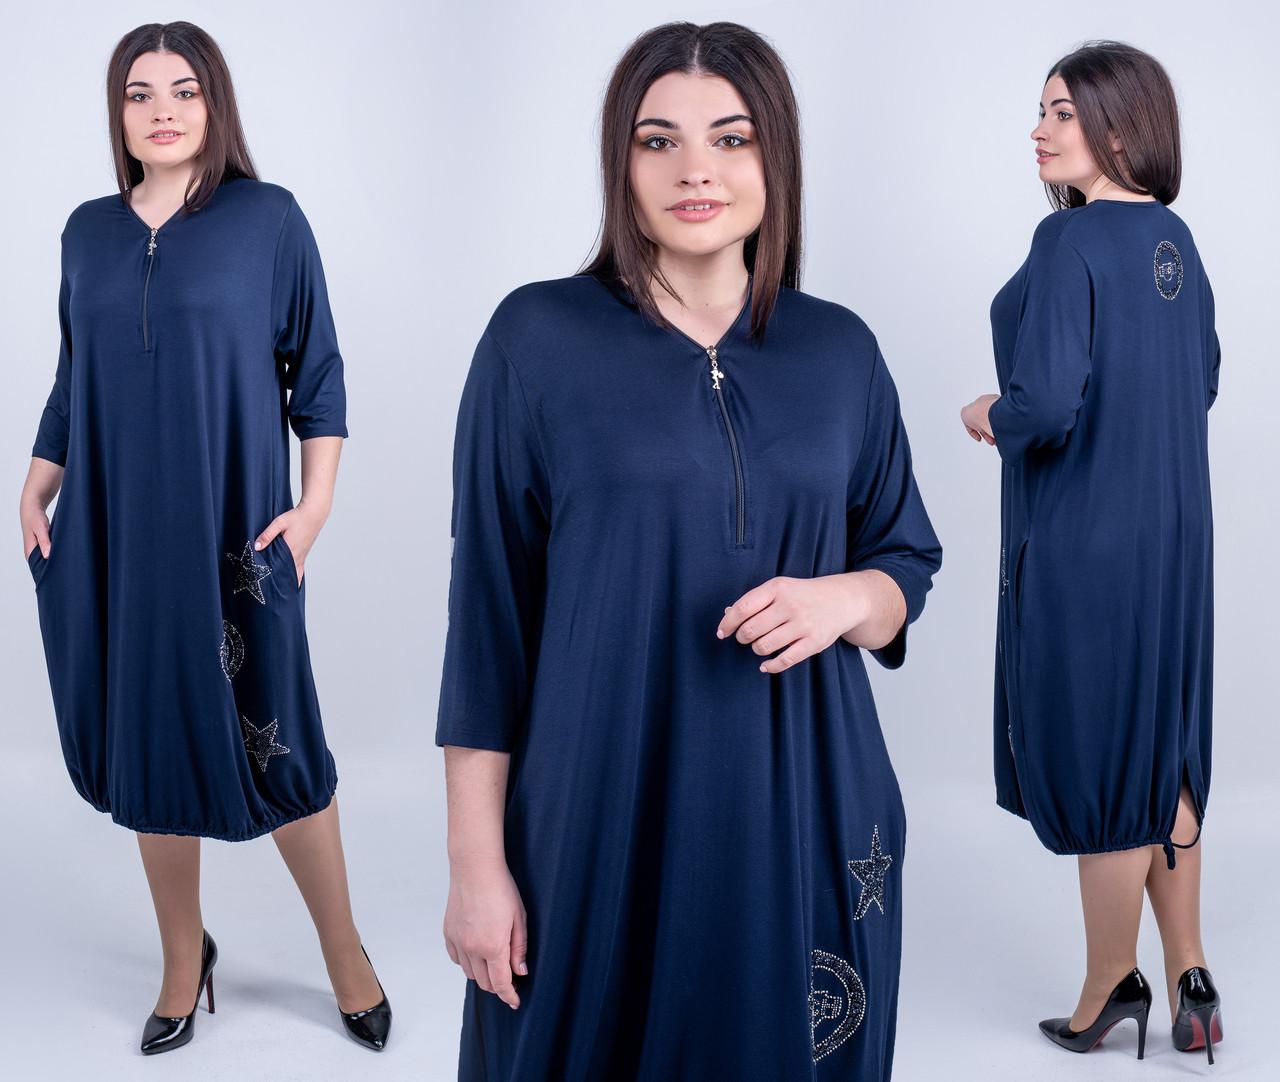 9415070443a0 Свободное платье Окси летнее большого размера 52-62 размера синее - 💎TM